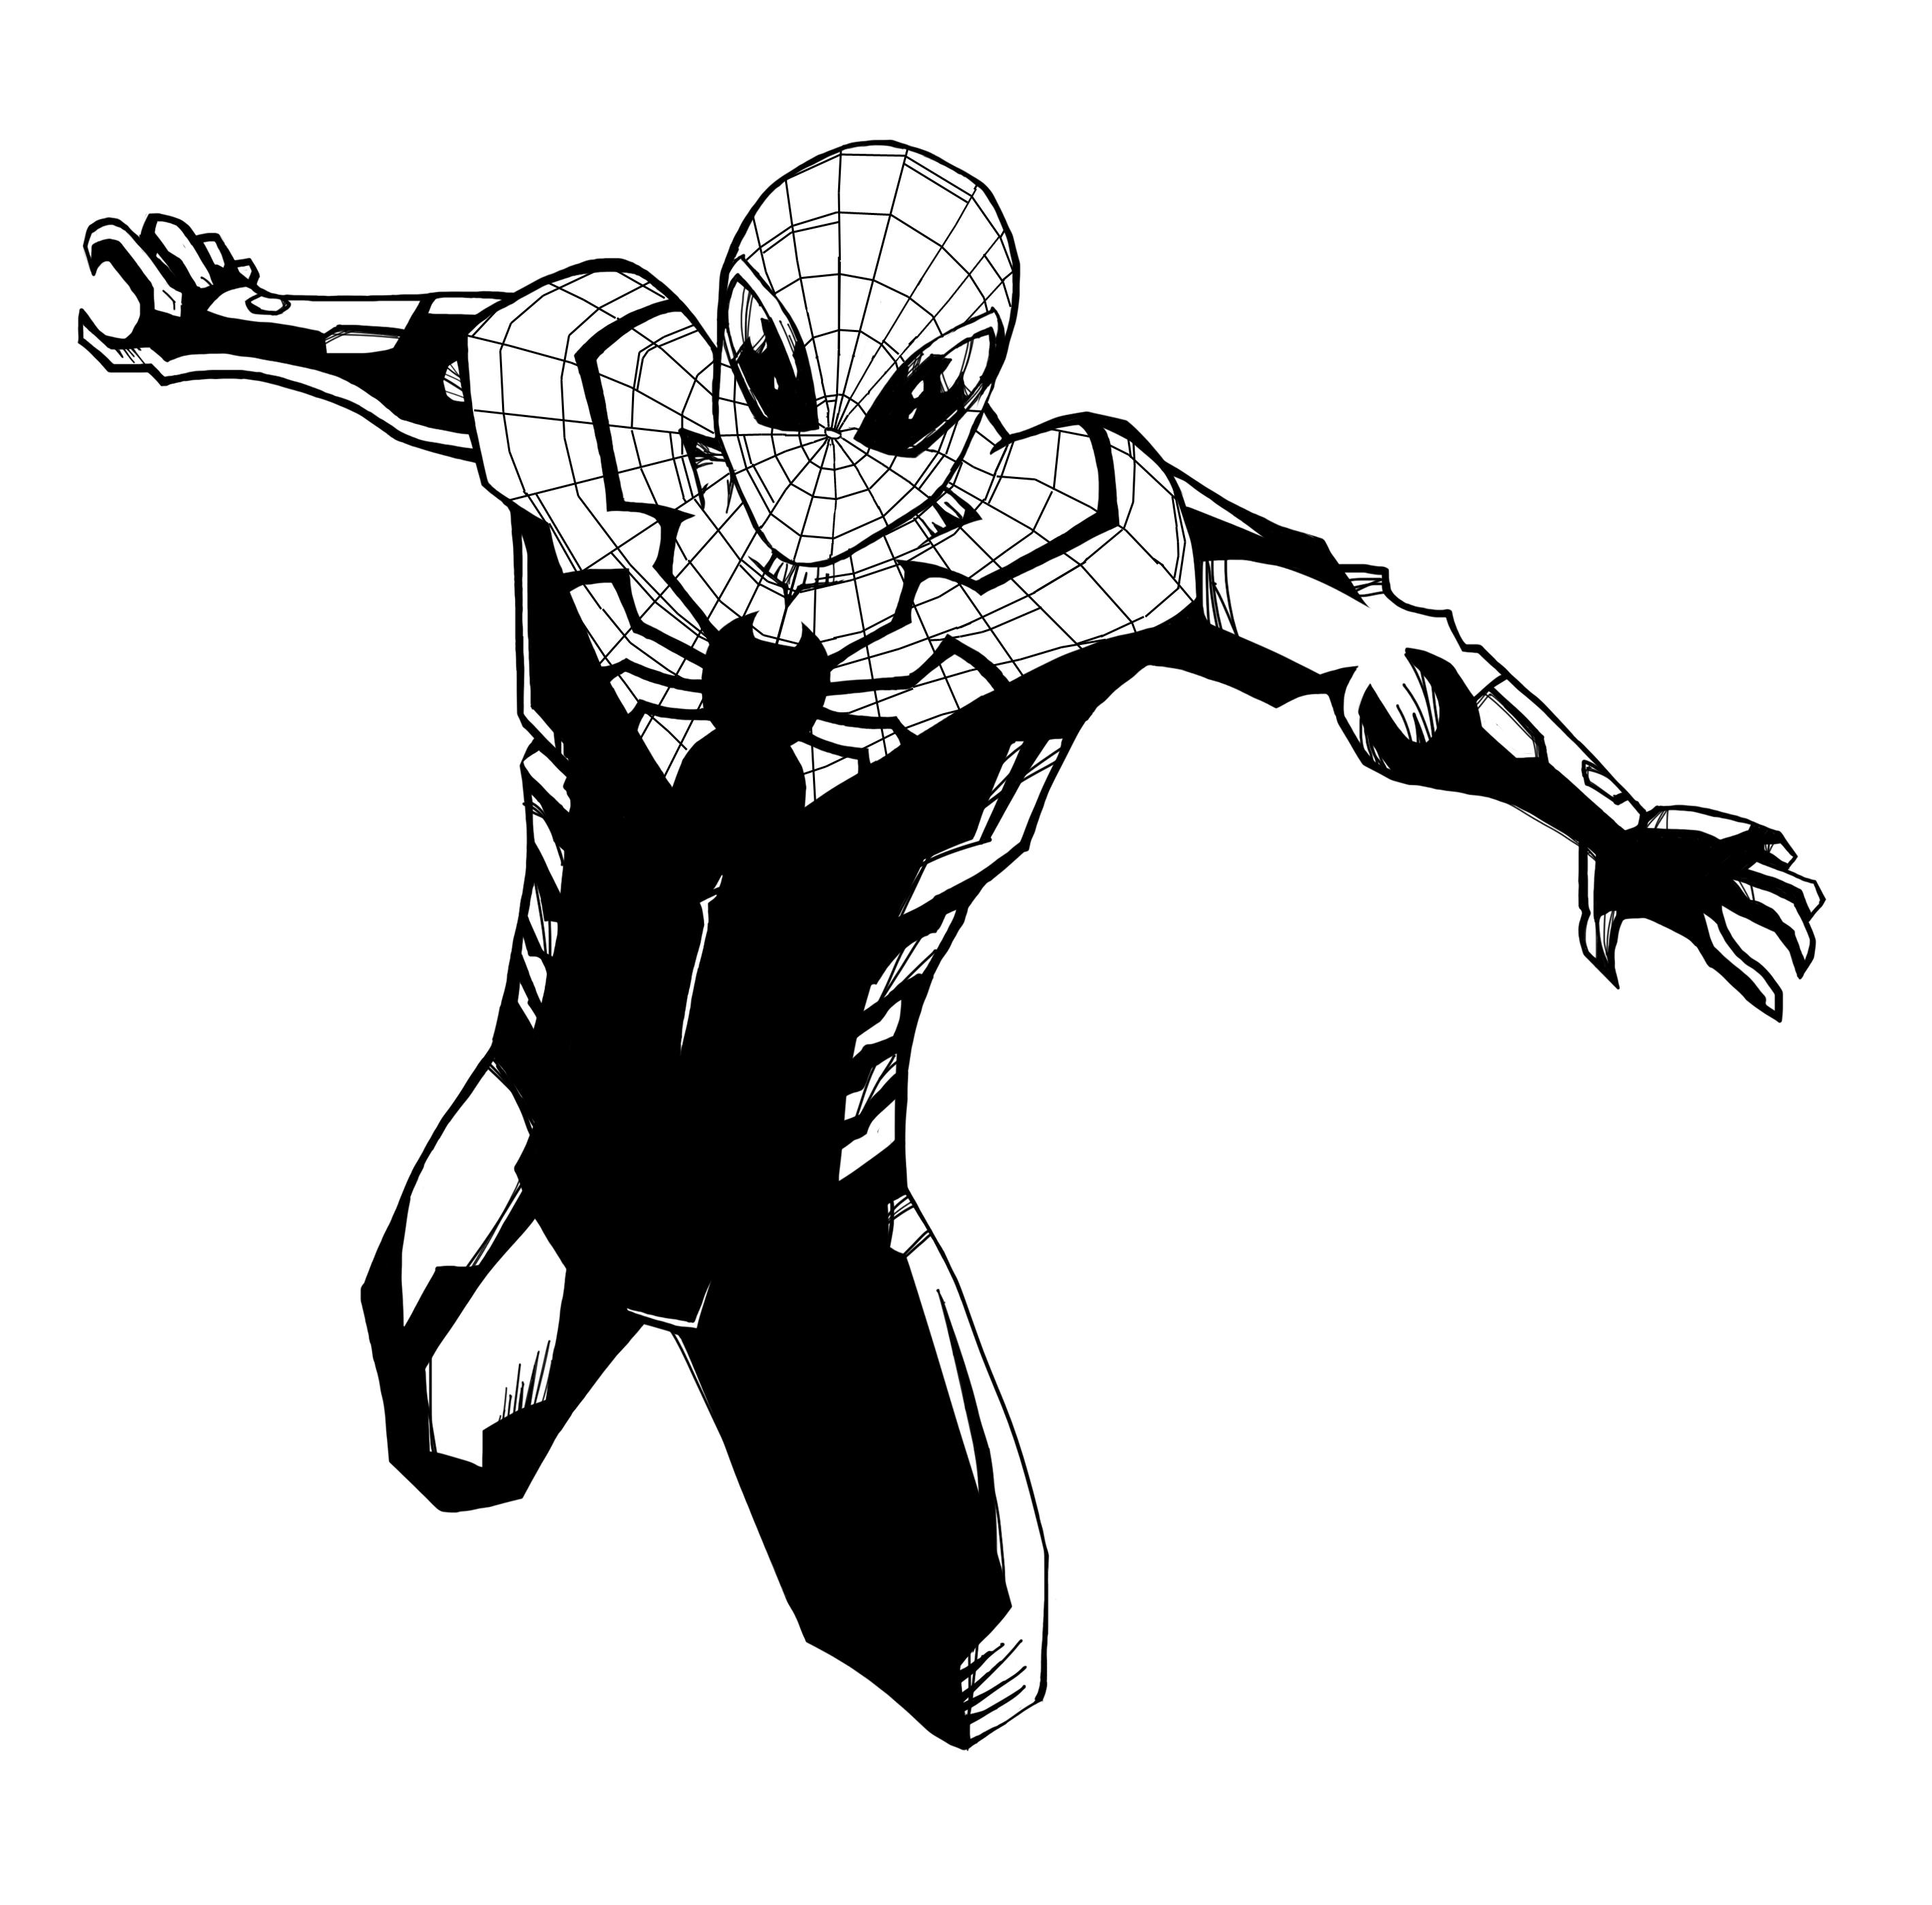 Superior Spider-Man 1nk by baamodt on DeviantArt